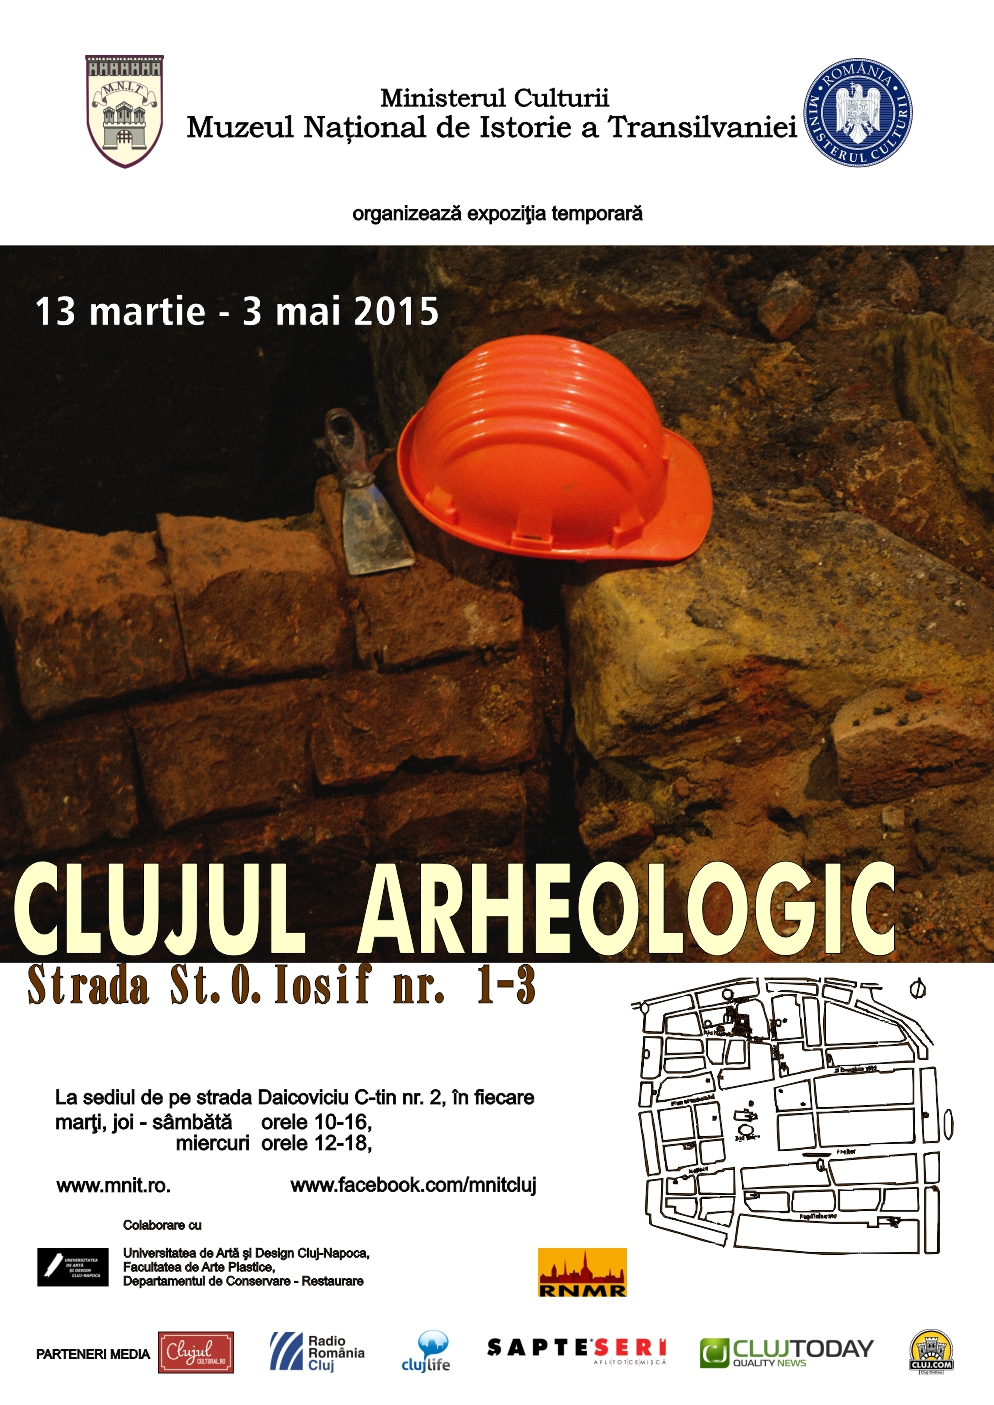 """Expoziție """"Clujul arheologic"""", la Muzeul Național de Istorie a Transilvaniei"""